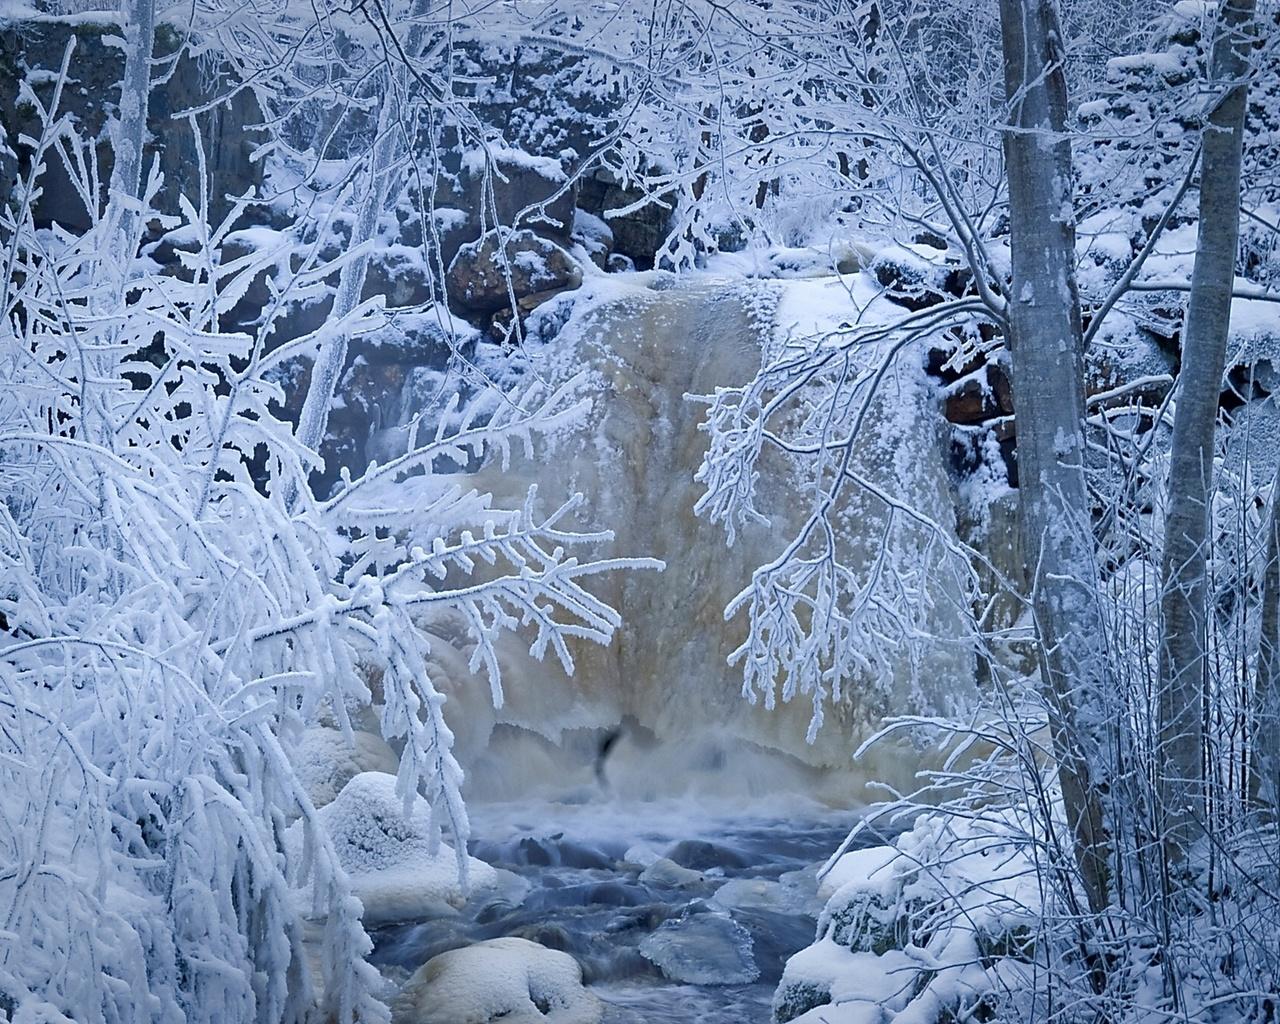 природа, снег, зима, иней, деревья, швеция, река, ручей, лес